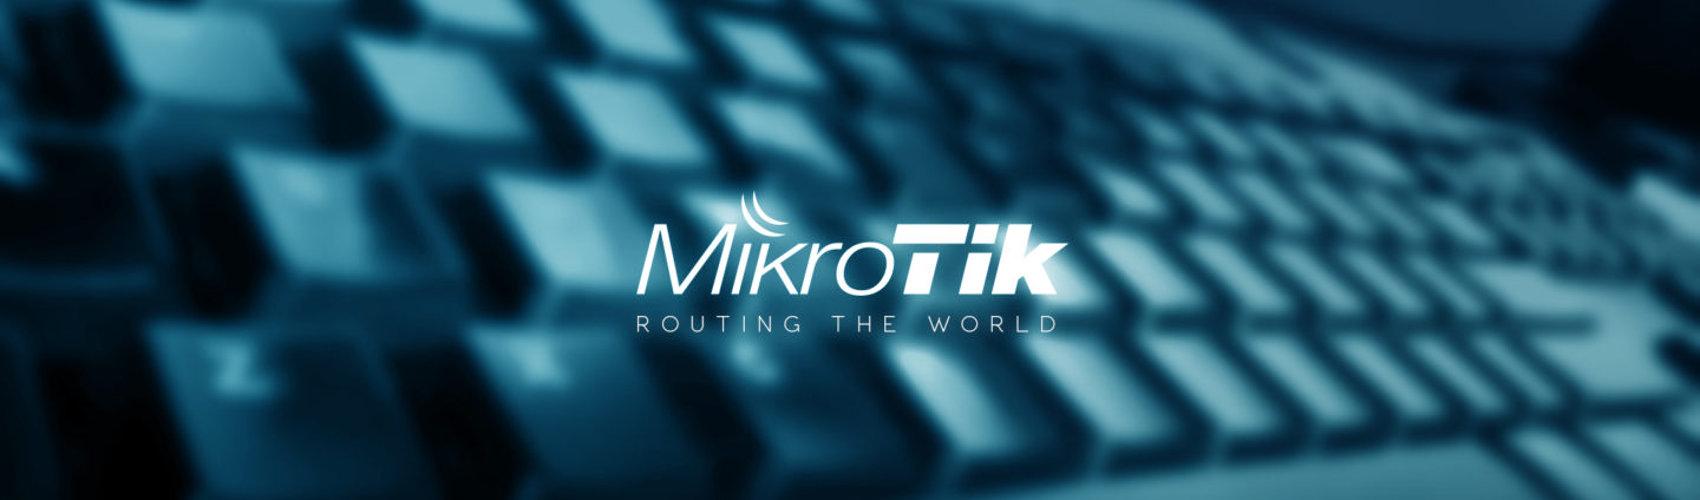 Библиотека функций для MikroTik RouterOS